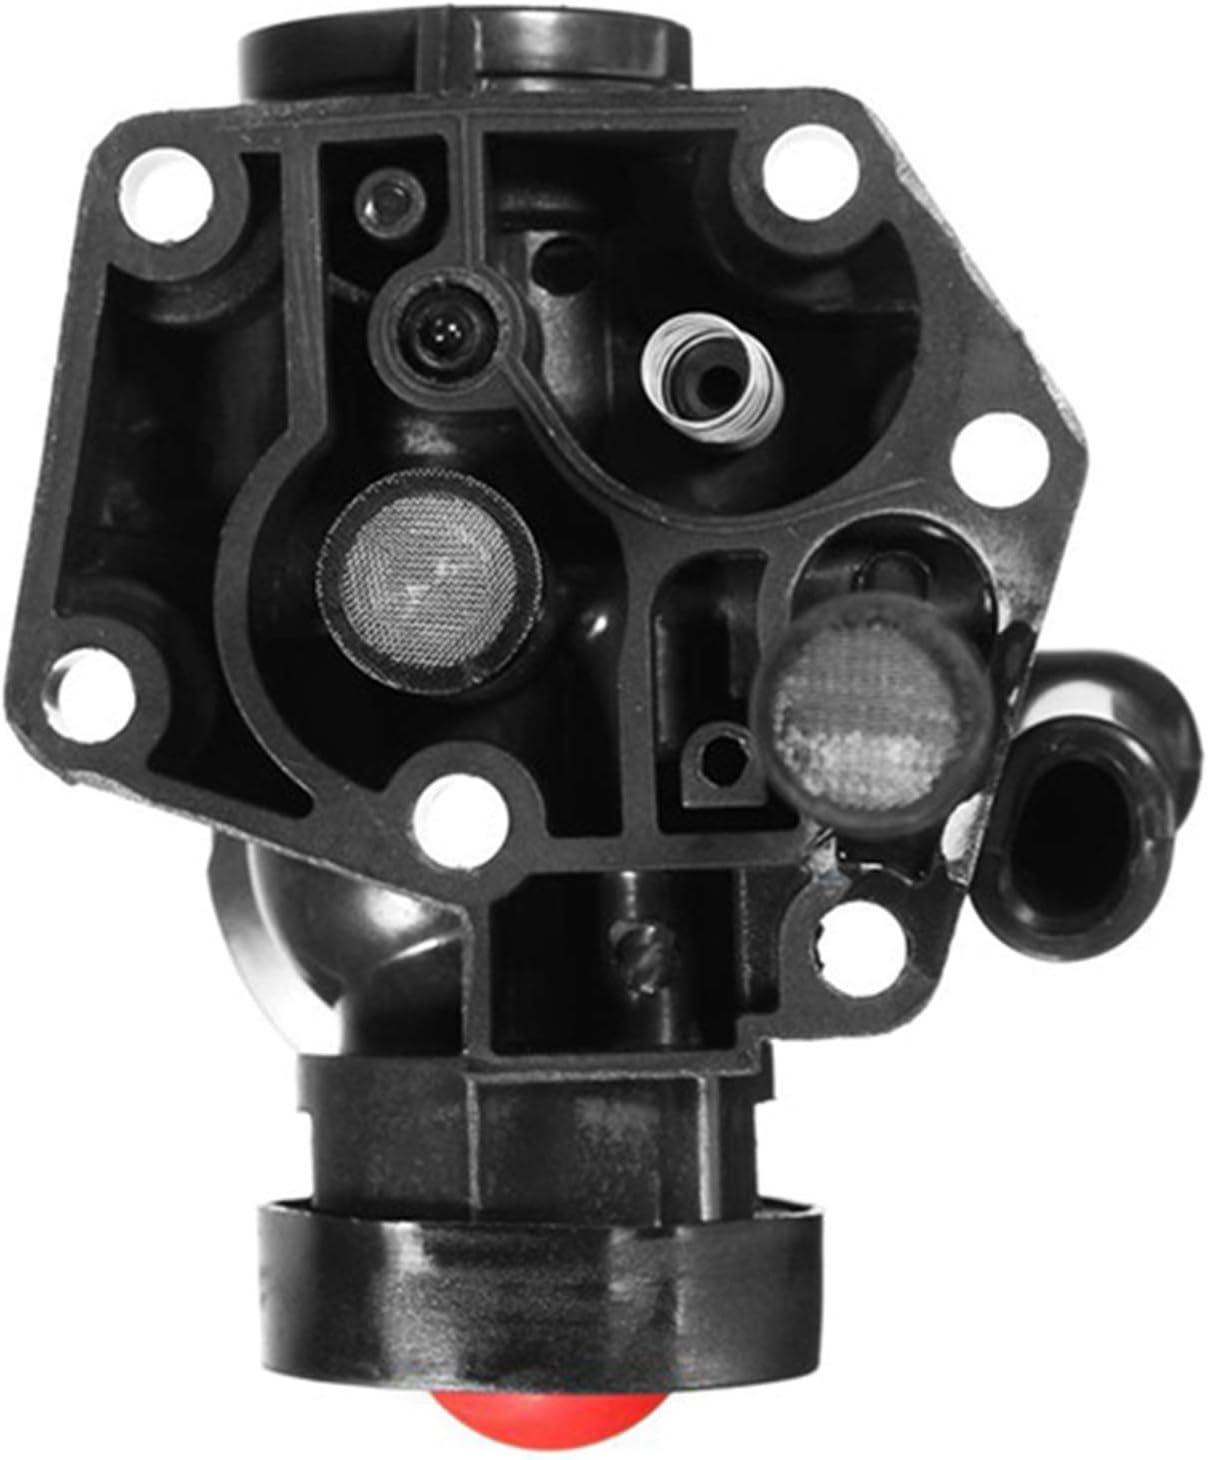 Filtre /à Air et Jeu Carburateurs 795477 pour Briggs/&Stratton 795469 794147 699660 794161 498811 09J900 09L900 09S500 09T500 09T700 10A902 S/éRie Tondeuse /à Gazon /à Moteur Vertical